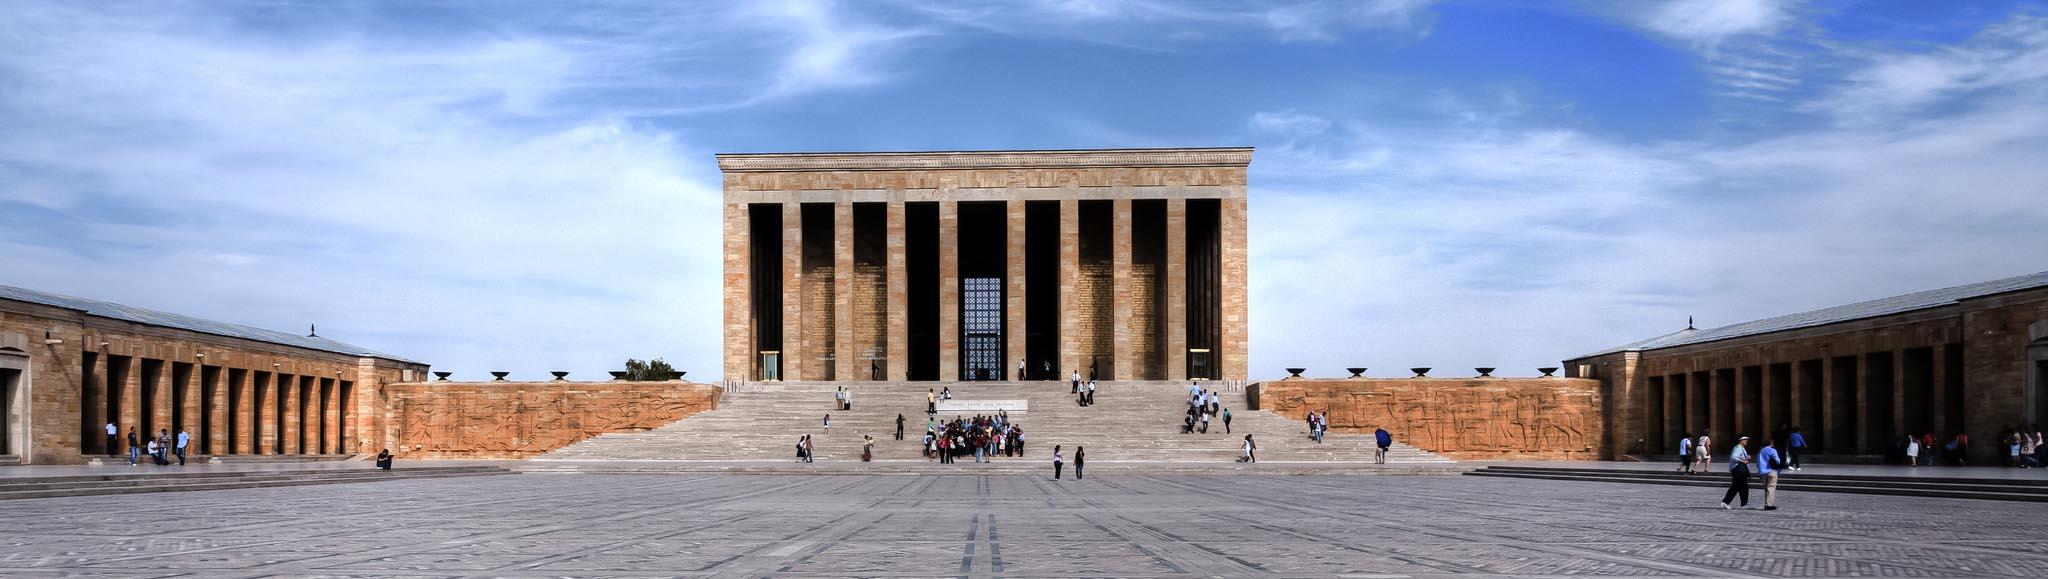 Музей Ататюрка в Стамбуле